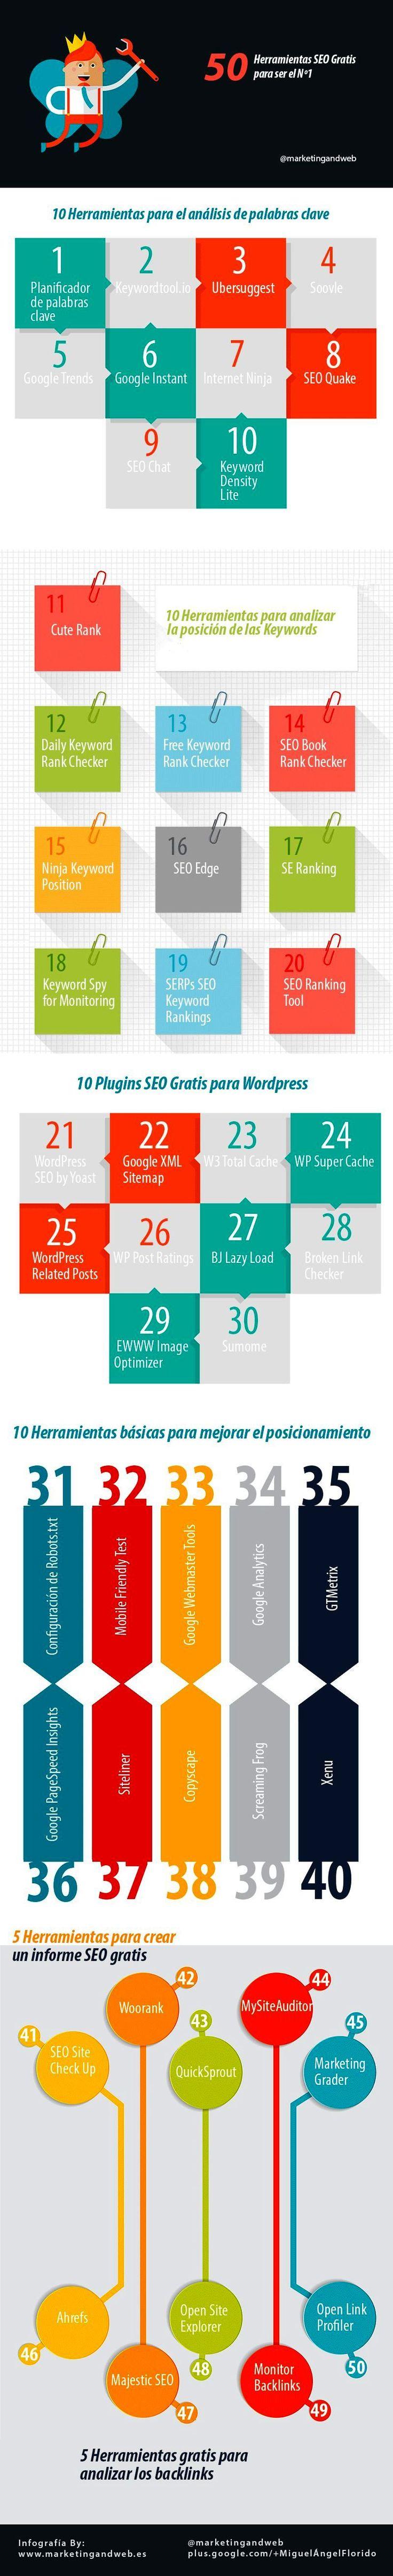 Esta excelente infografía nos presenta hasta cincuenta herramientas SEO gratuitas para planificar, analizar y llevar a cabo nuestras estrategias SEO.